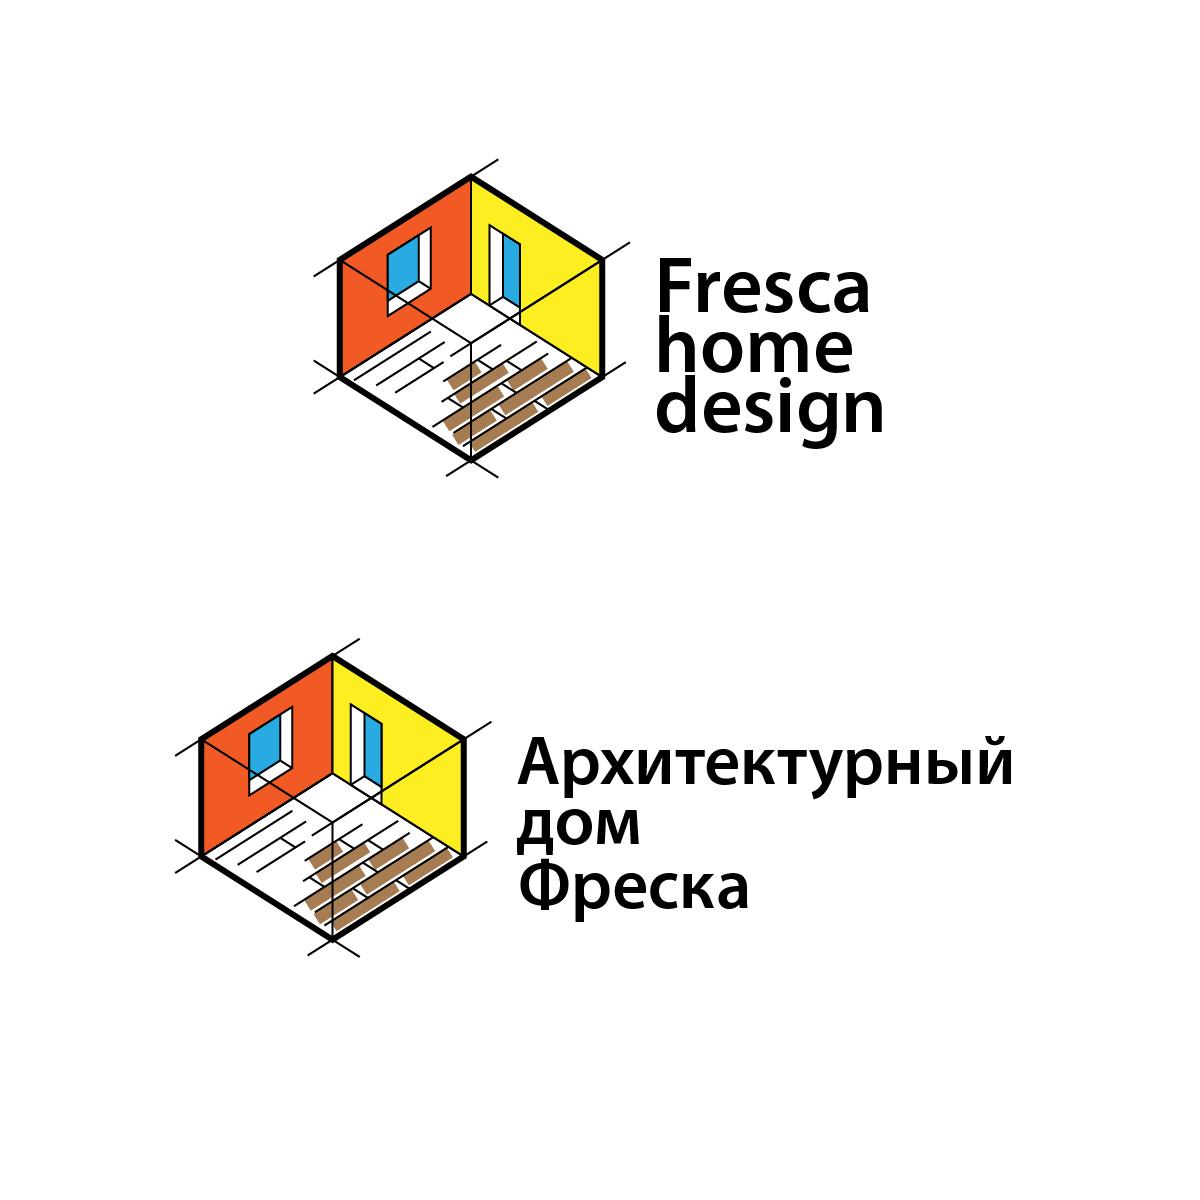 Разработка логотипа и фирменного стиля  фото f_0725aa2d821a6142.jpg